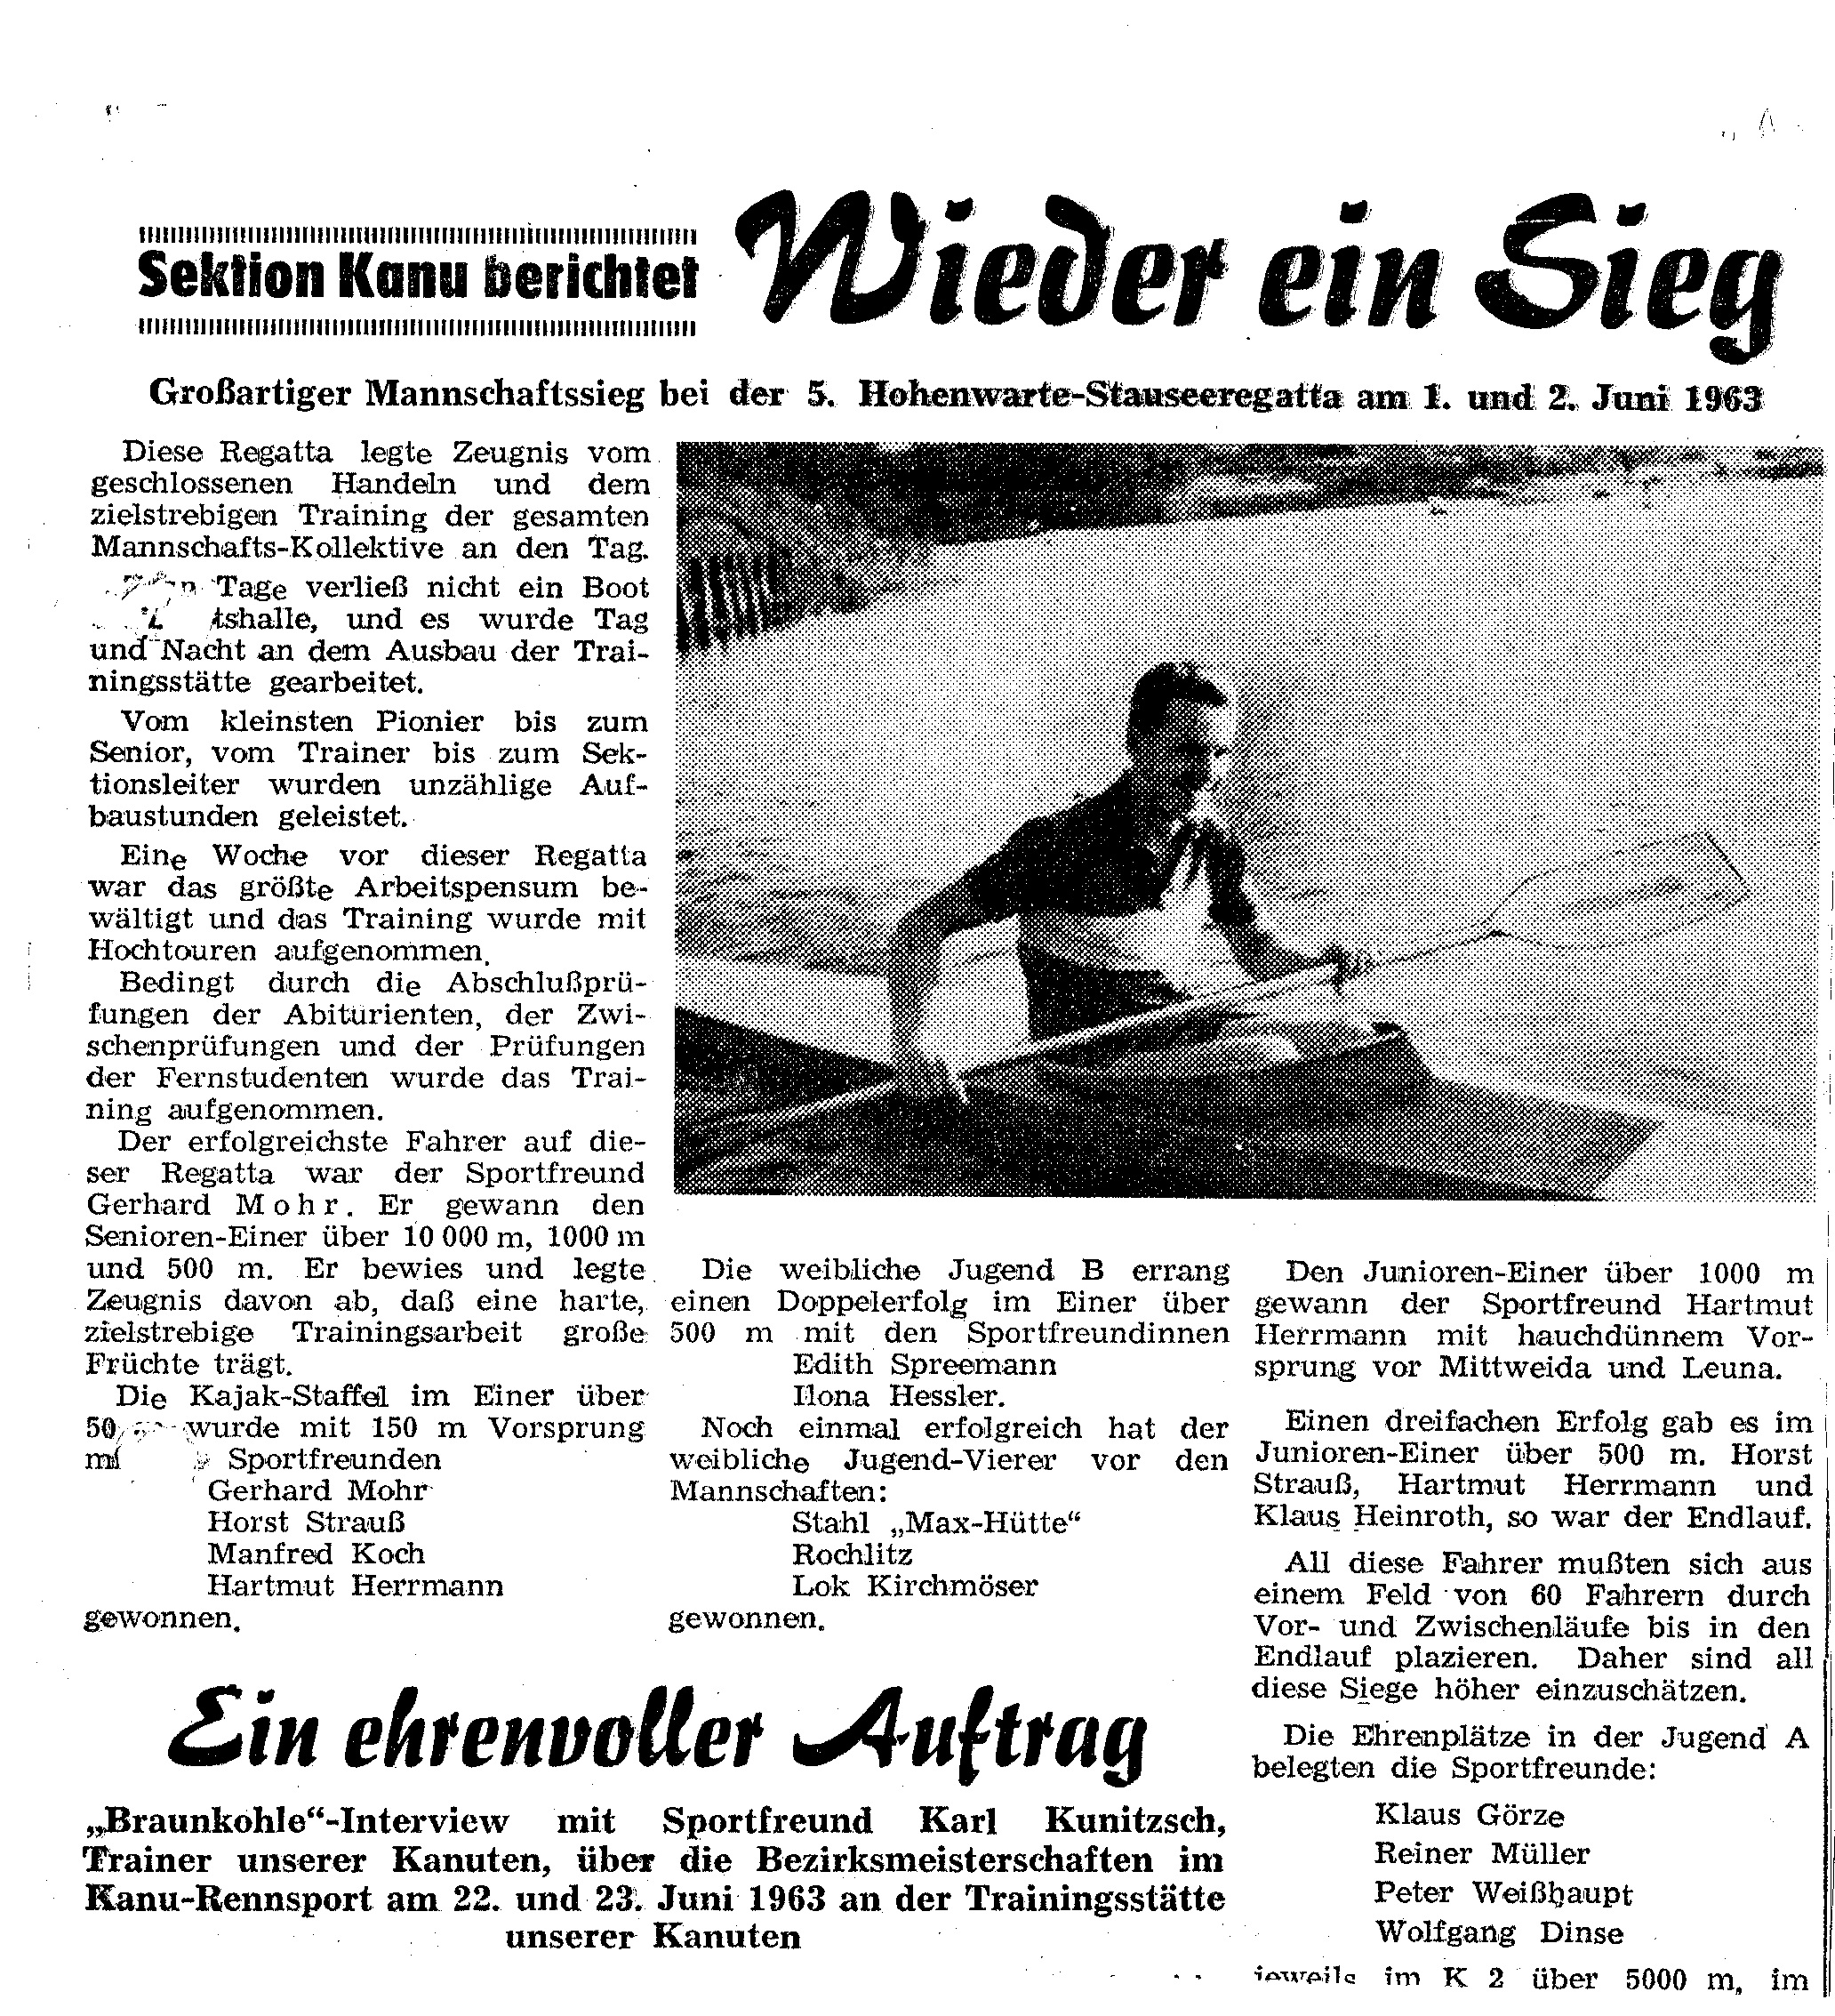 1963-06-02 Wieder ein Sieg